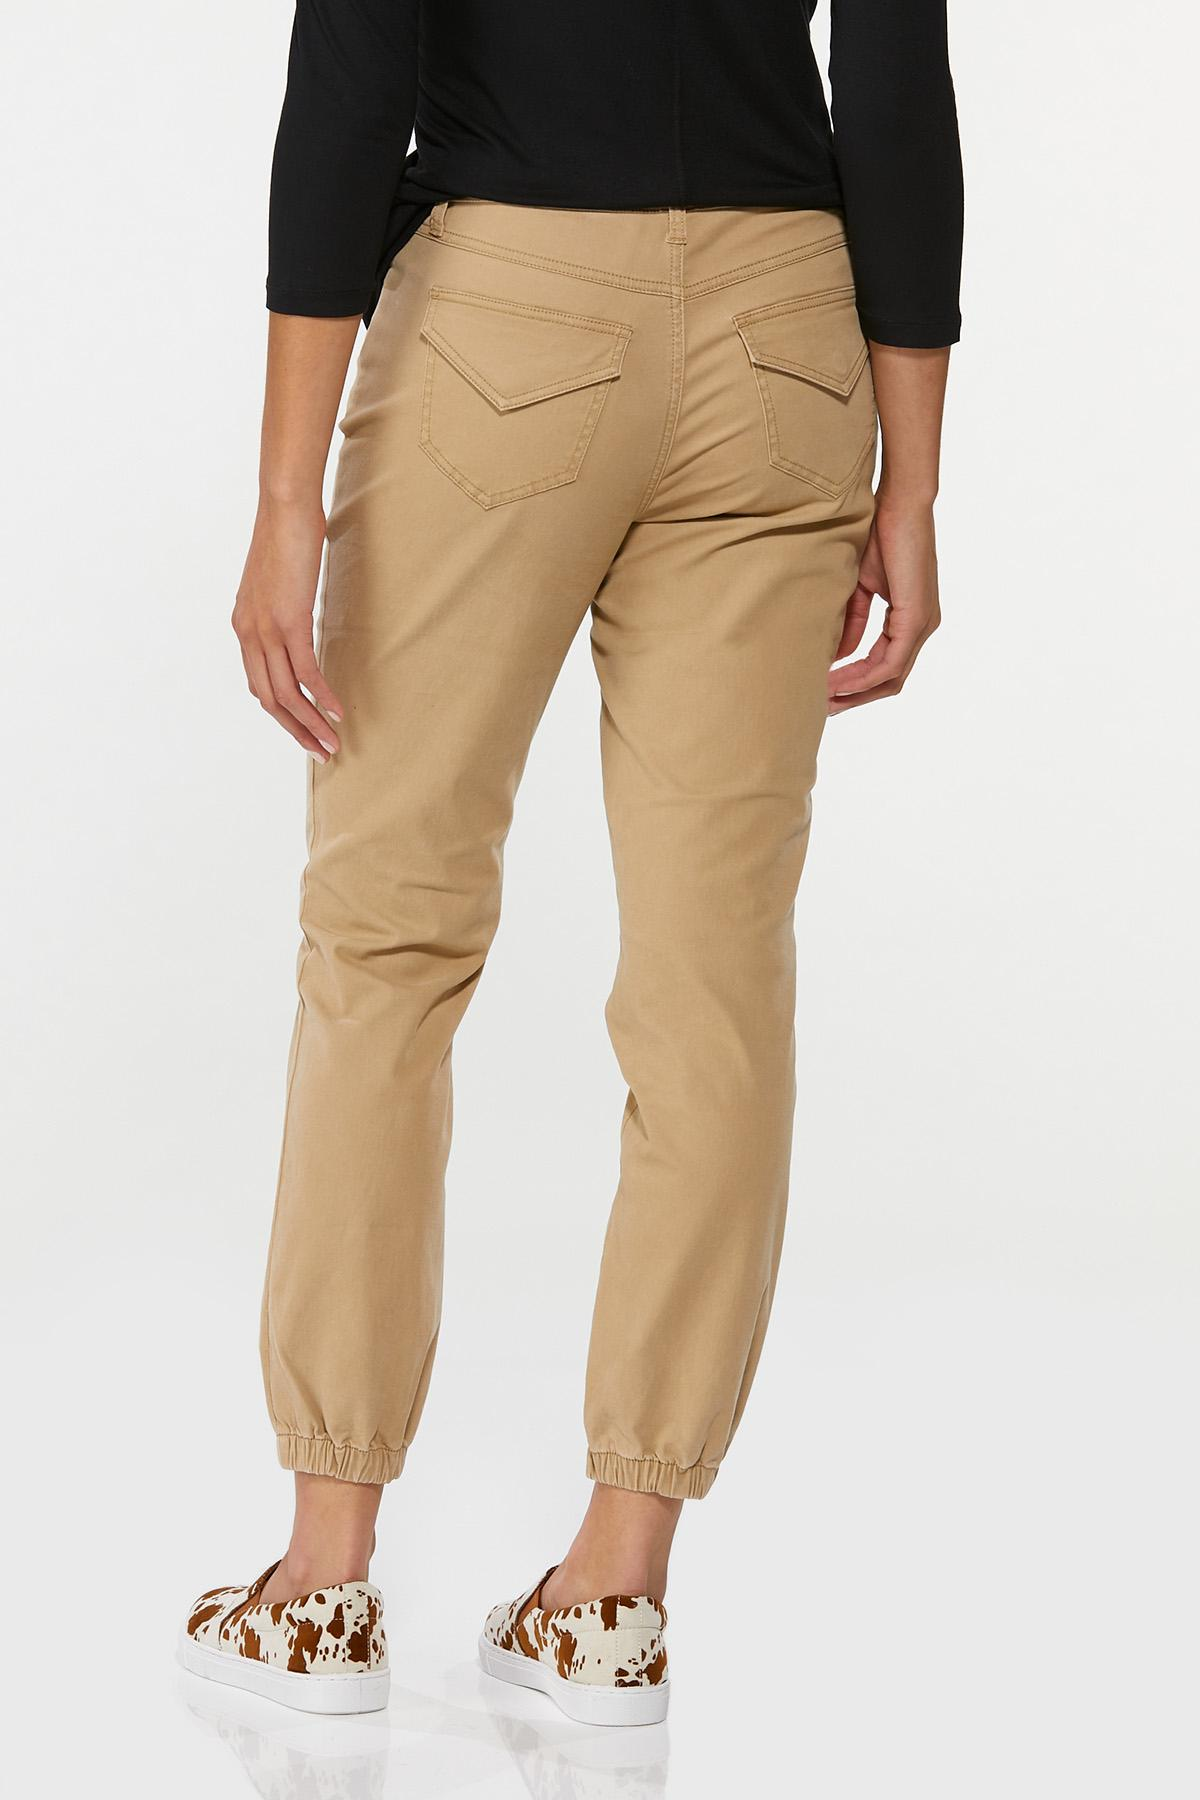 Khaki Twill Joggers (Item #44662301)